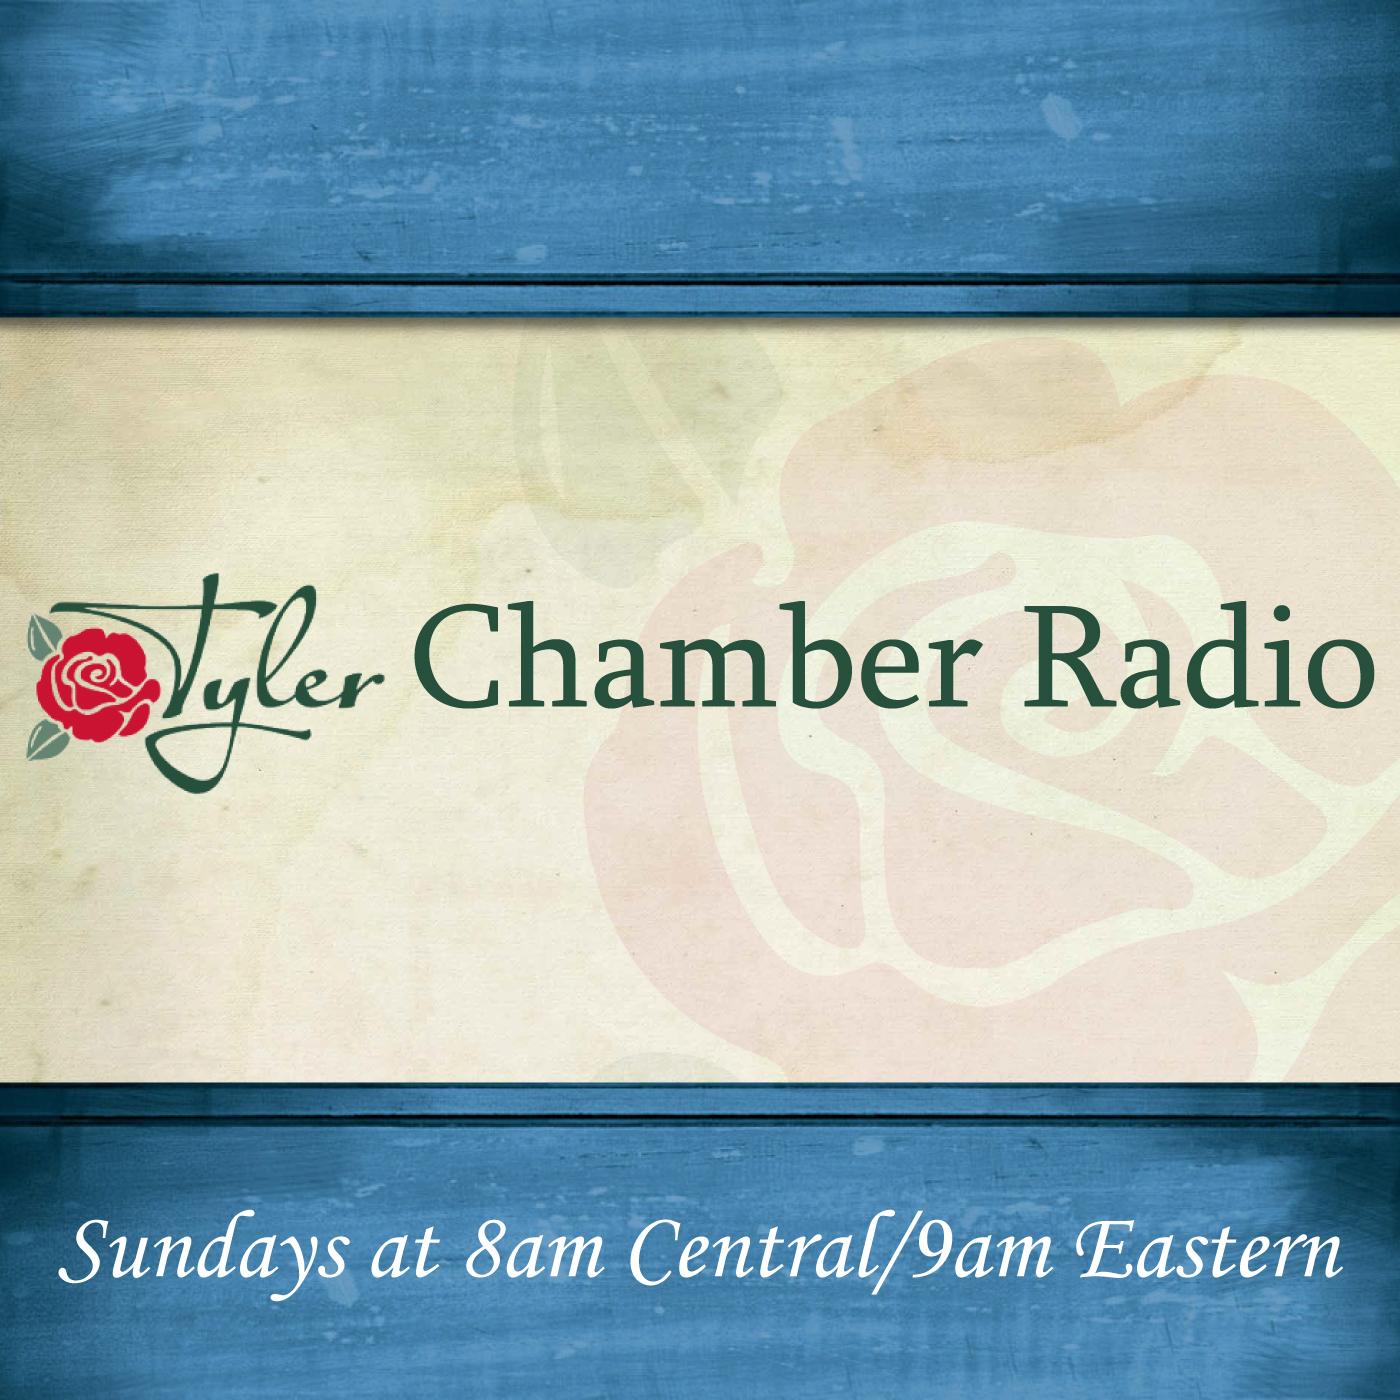 <![CDATA[Tyler Chamber Radio]]>